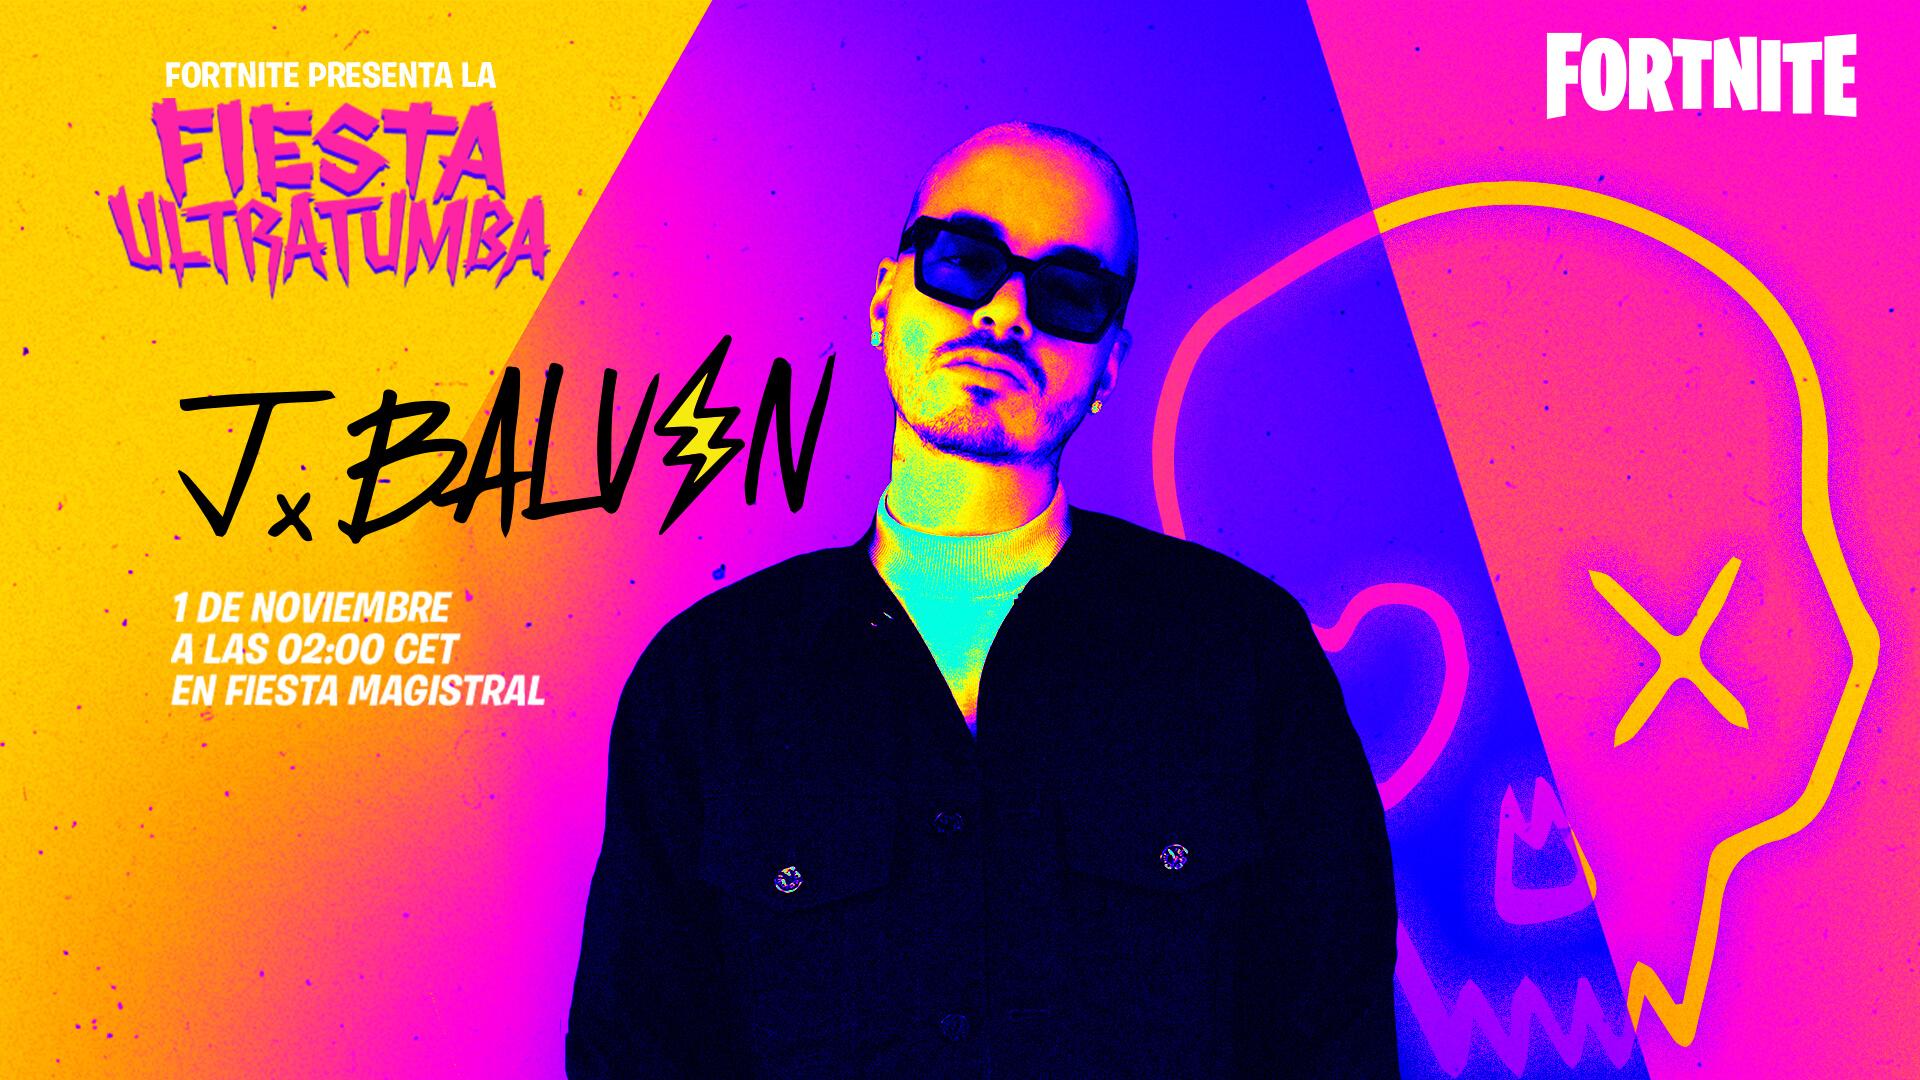 ES ES 14PR JBalvin Announcement Social